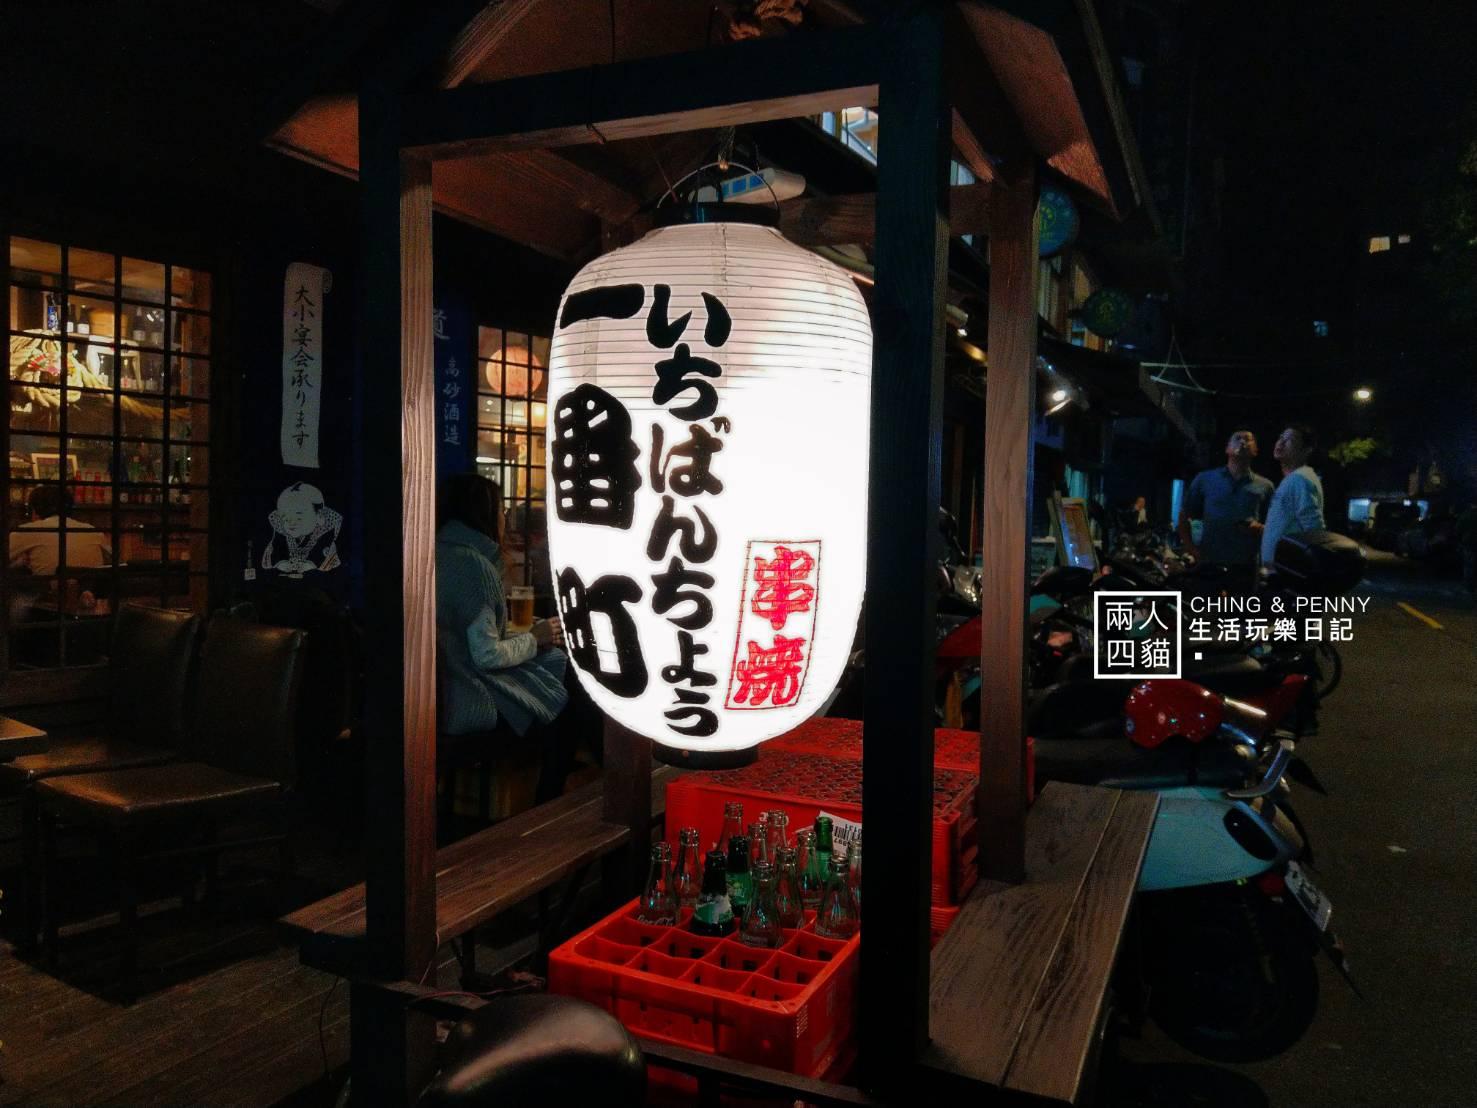 【板橋 美食】江子翠也有日式居酒屋 充滿濃濃日本味『一番町』大推蔥鹽牛菲力